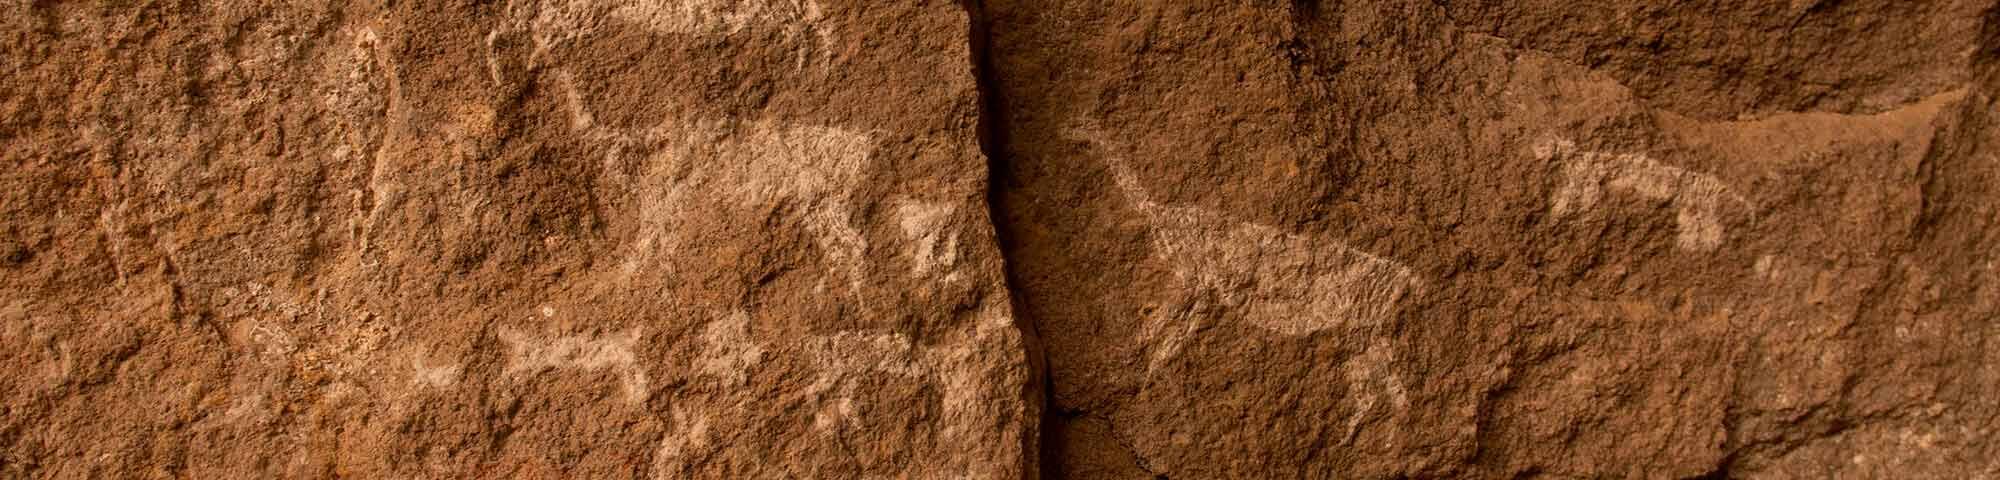 Cuevas de Arte Rupestre de Sumbay